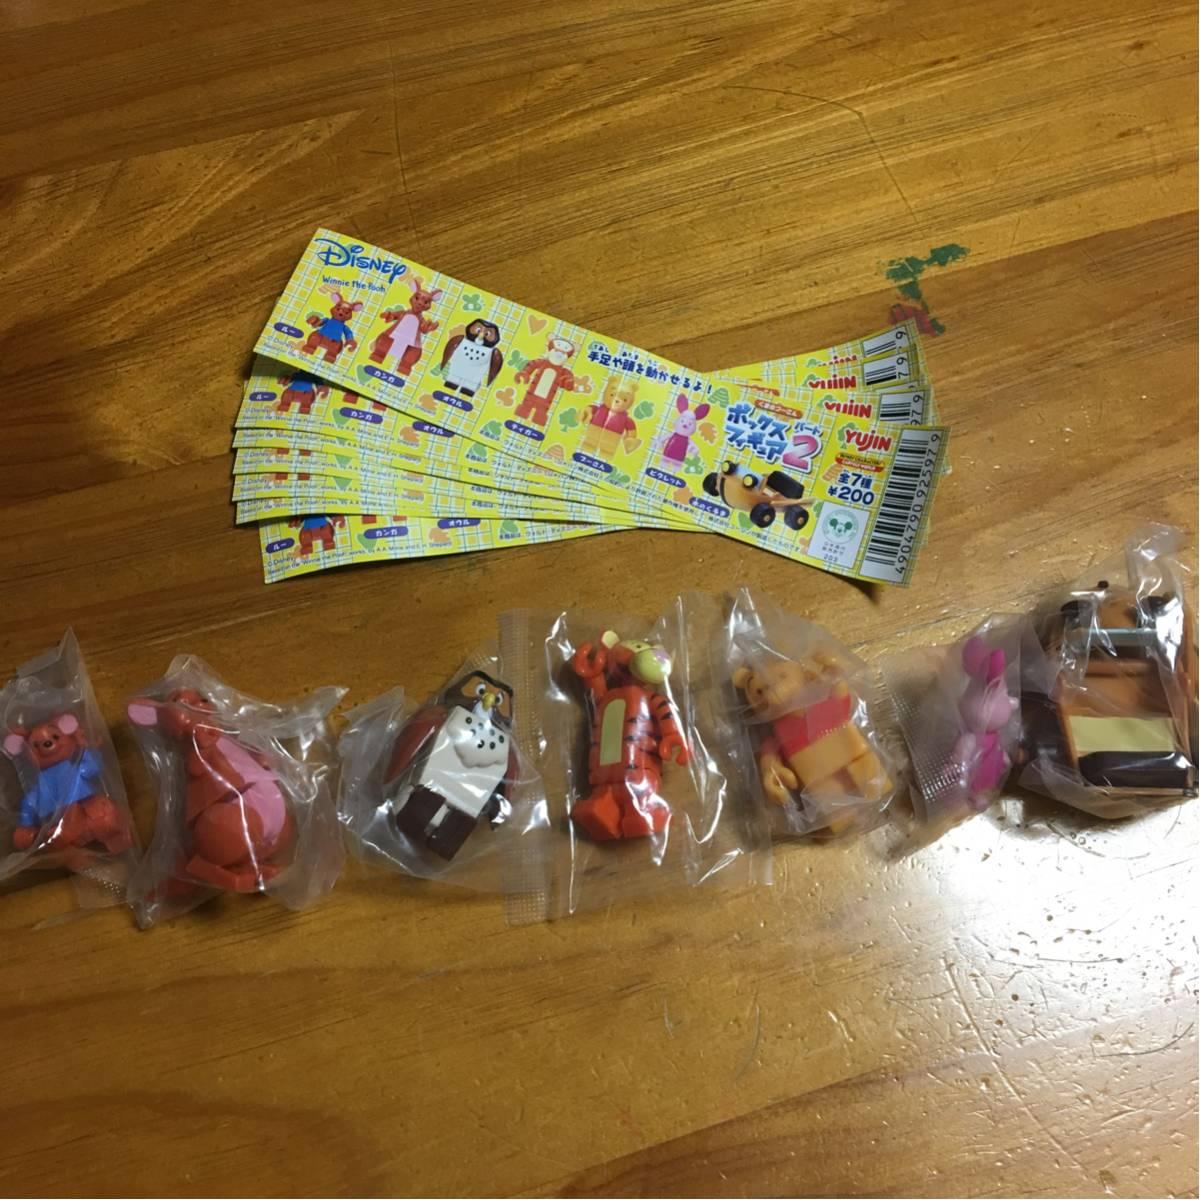 【未展示品】ディズニーくまのプーさんボックスフィギュアパート2 全7種セット ディズニーグッズの画像